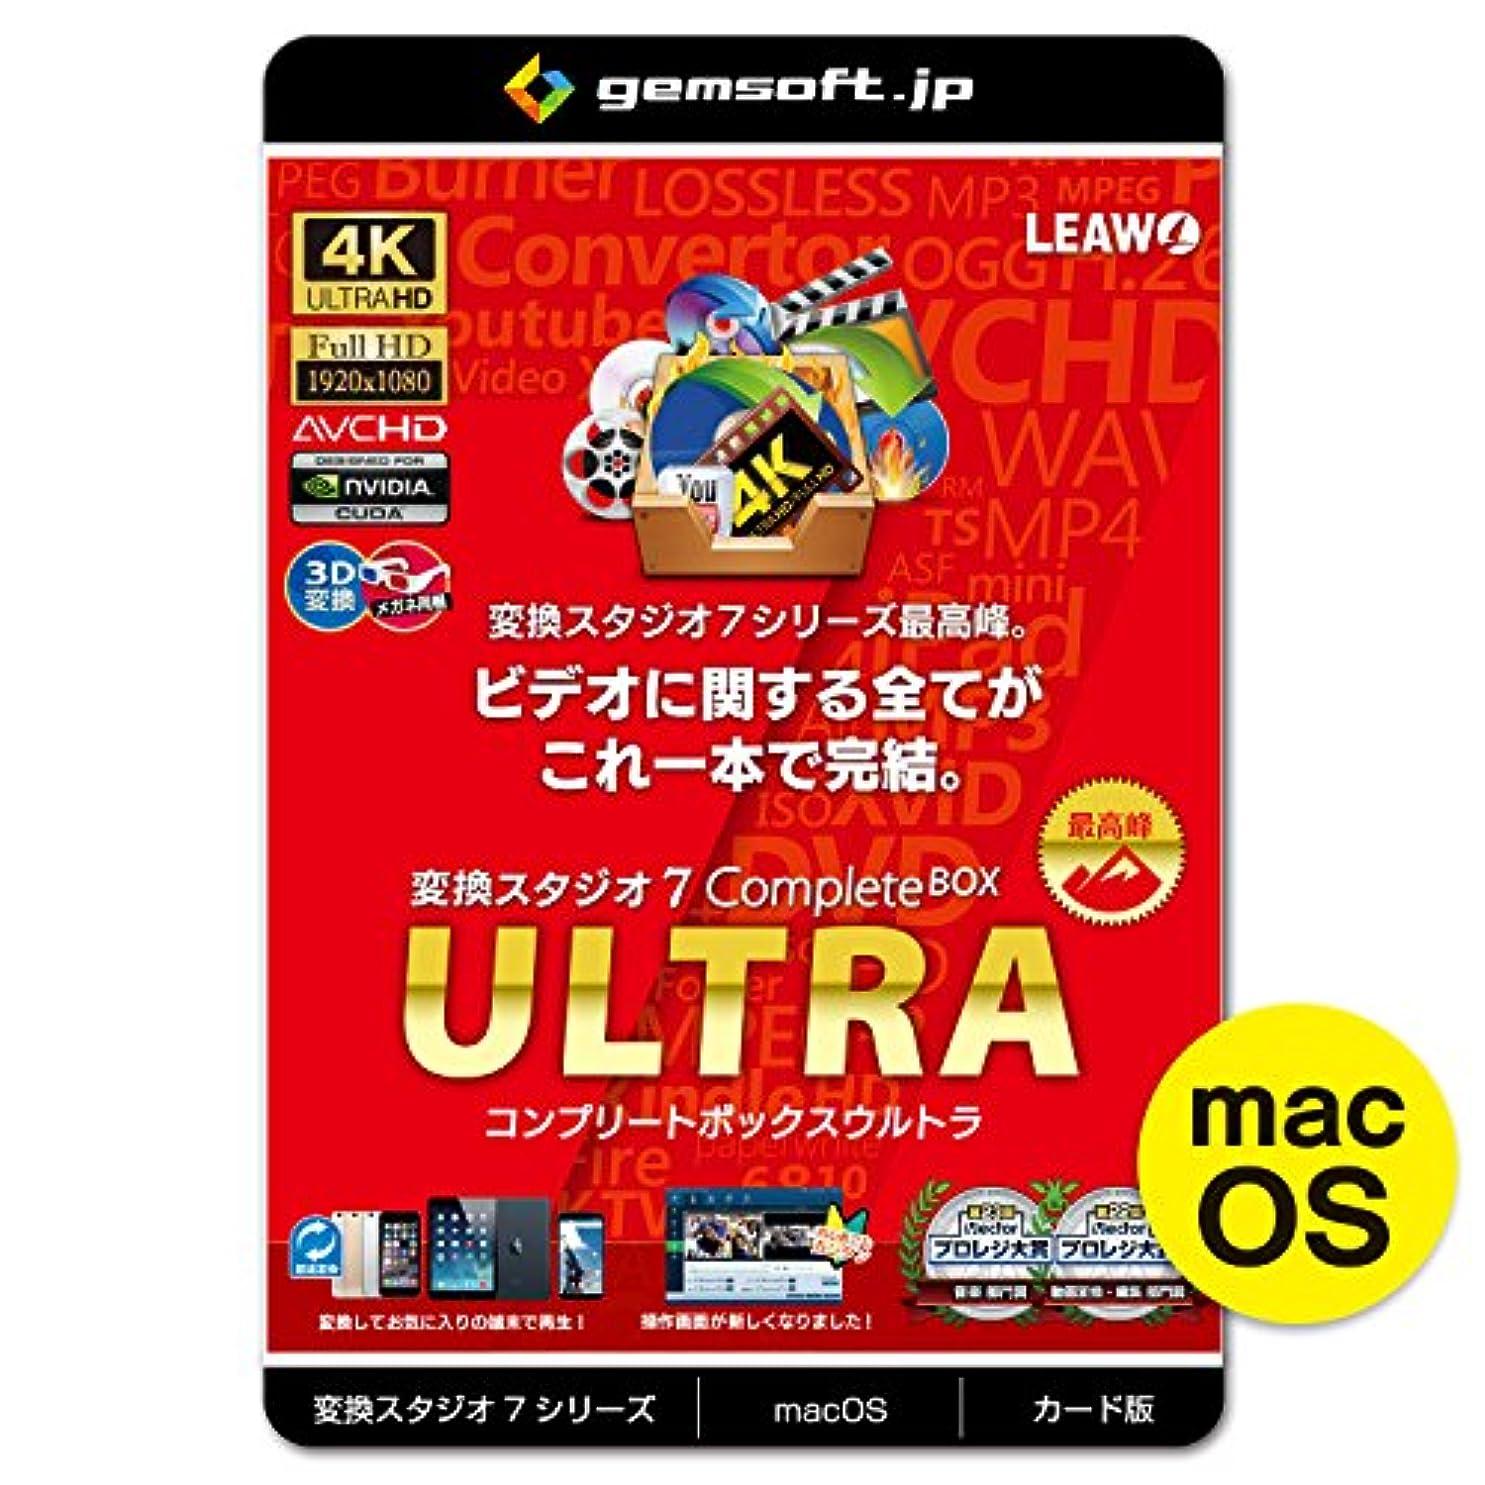 シャッフル電話高齢者変換スタジオ7 CompleteBOX ULTRA Mac版 | 変換スタジオ7シリーズ | カード版 | Mac対応